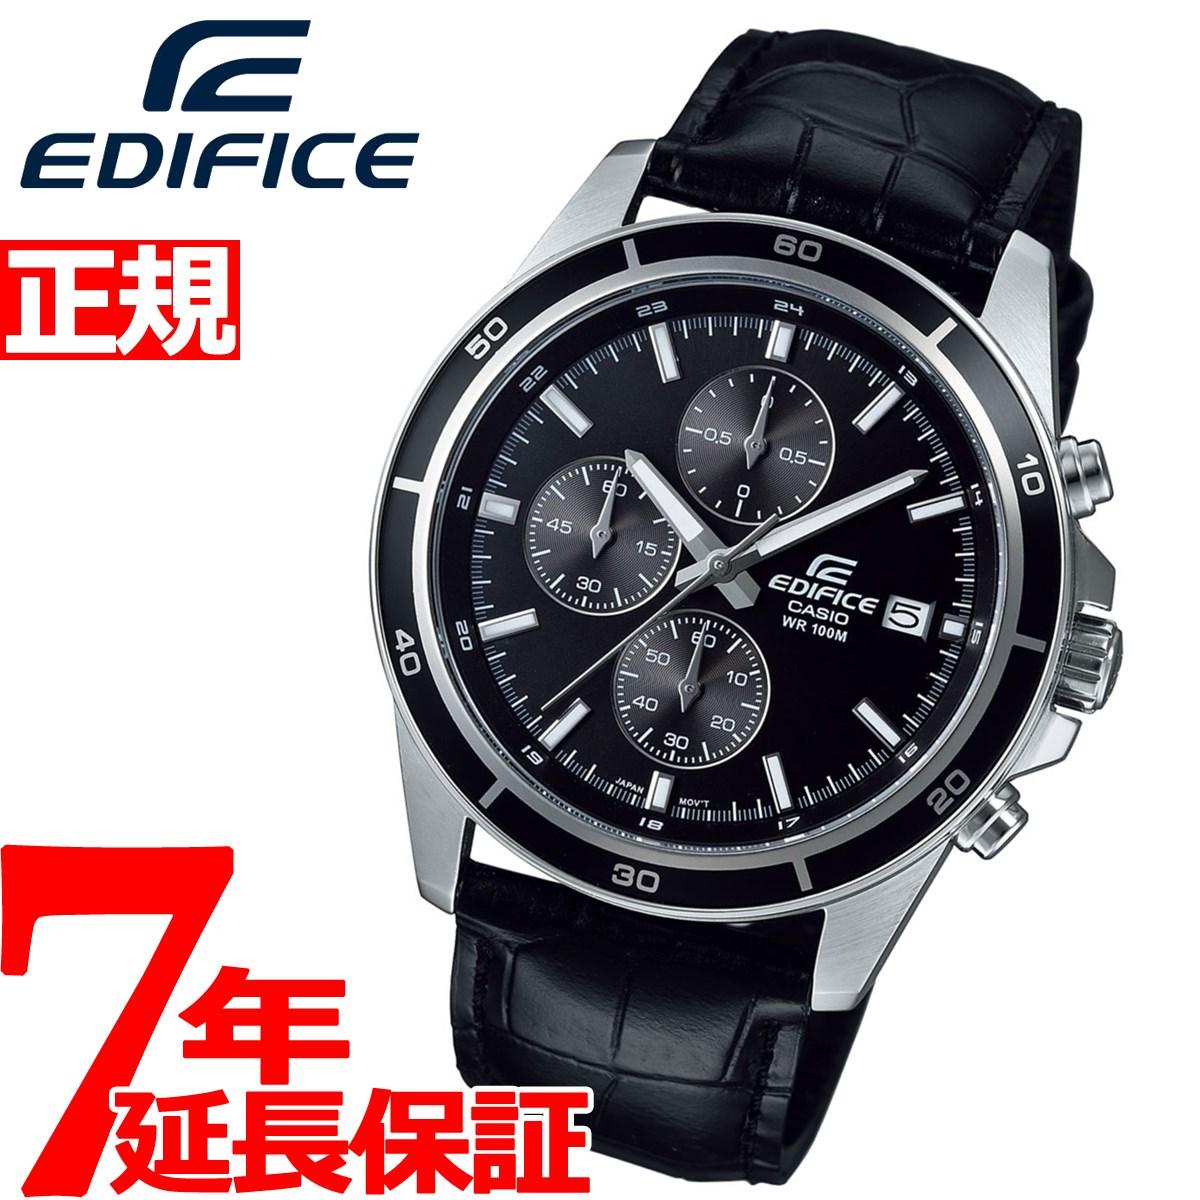 カシオ エディフィス CASIO EDIFICE 限定モデル 腕時計 メンズ アナログ クロノグラフ EFR-526LJ-1AJF